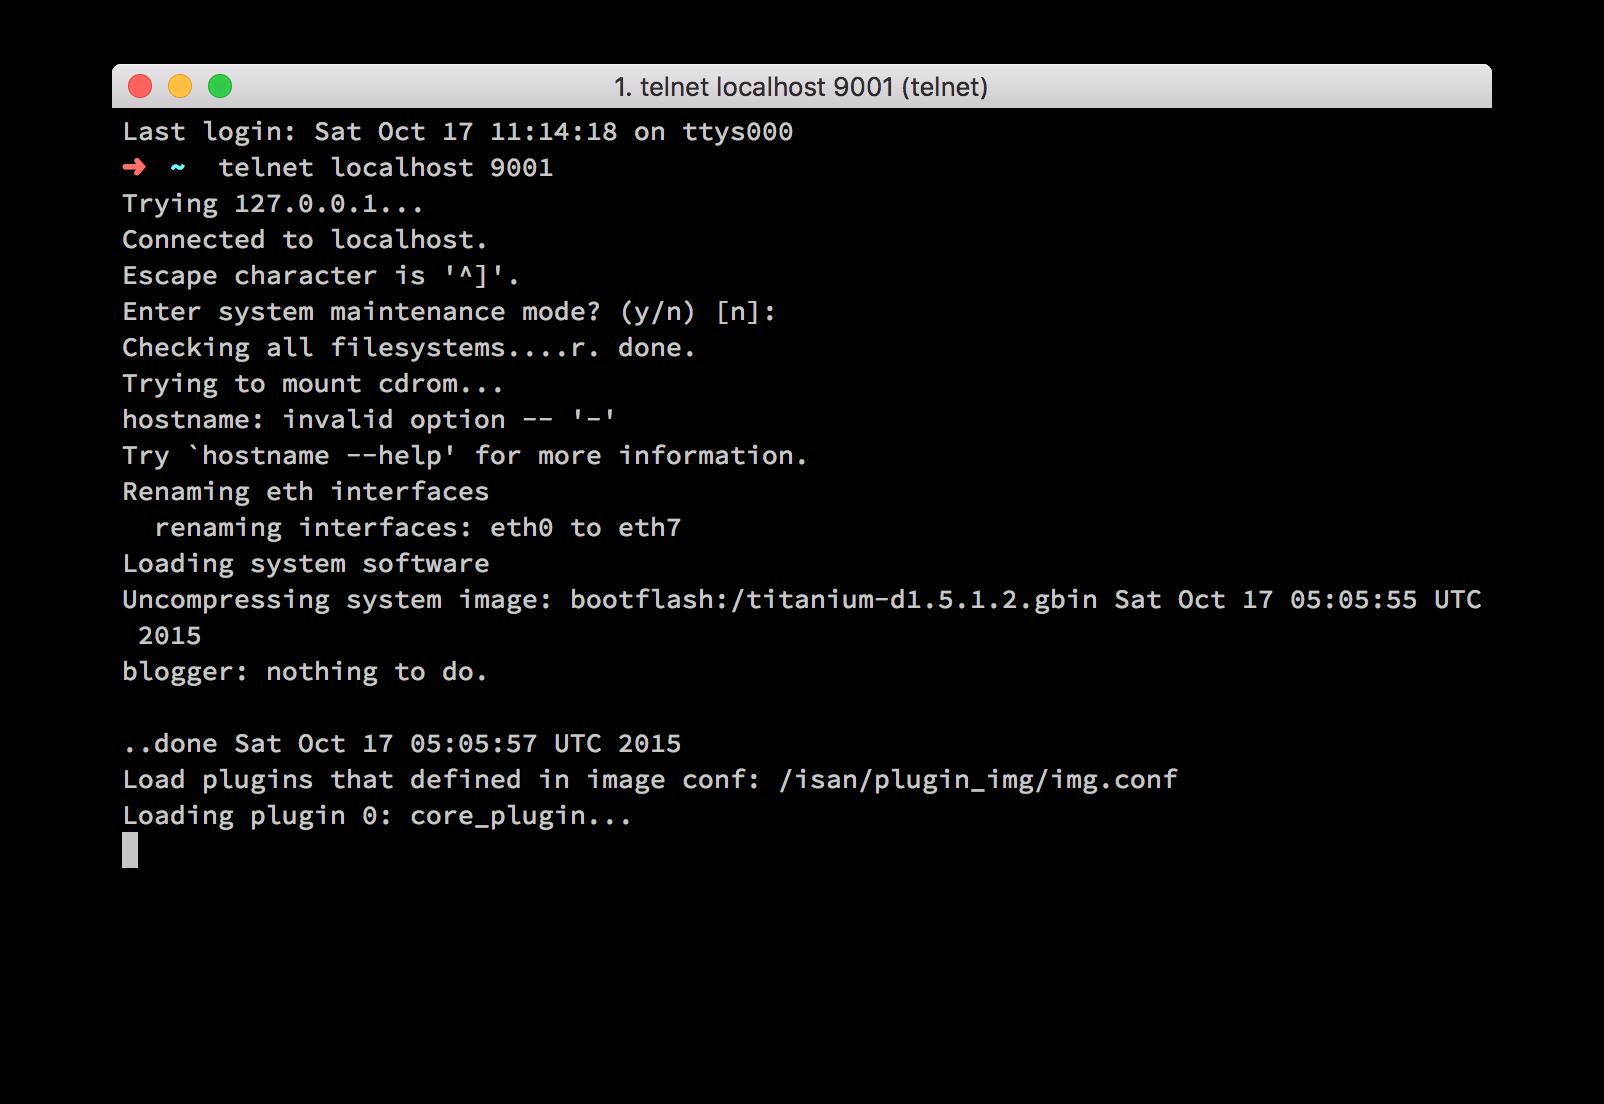 NX-OS-19